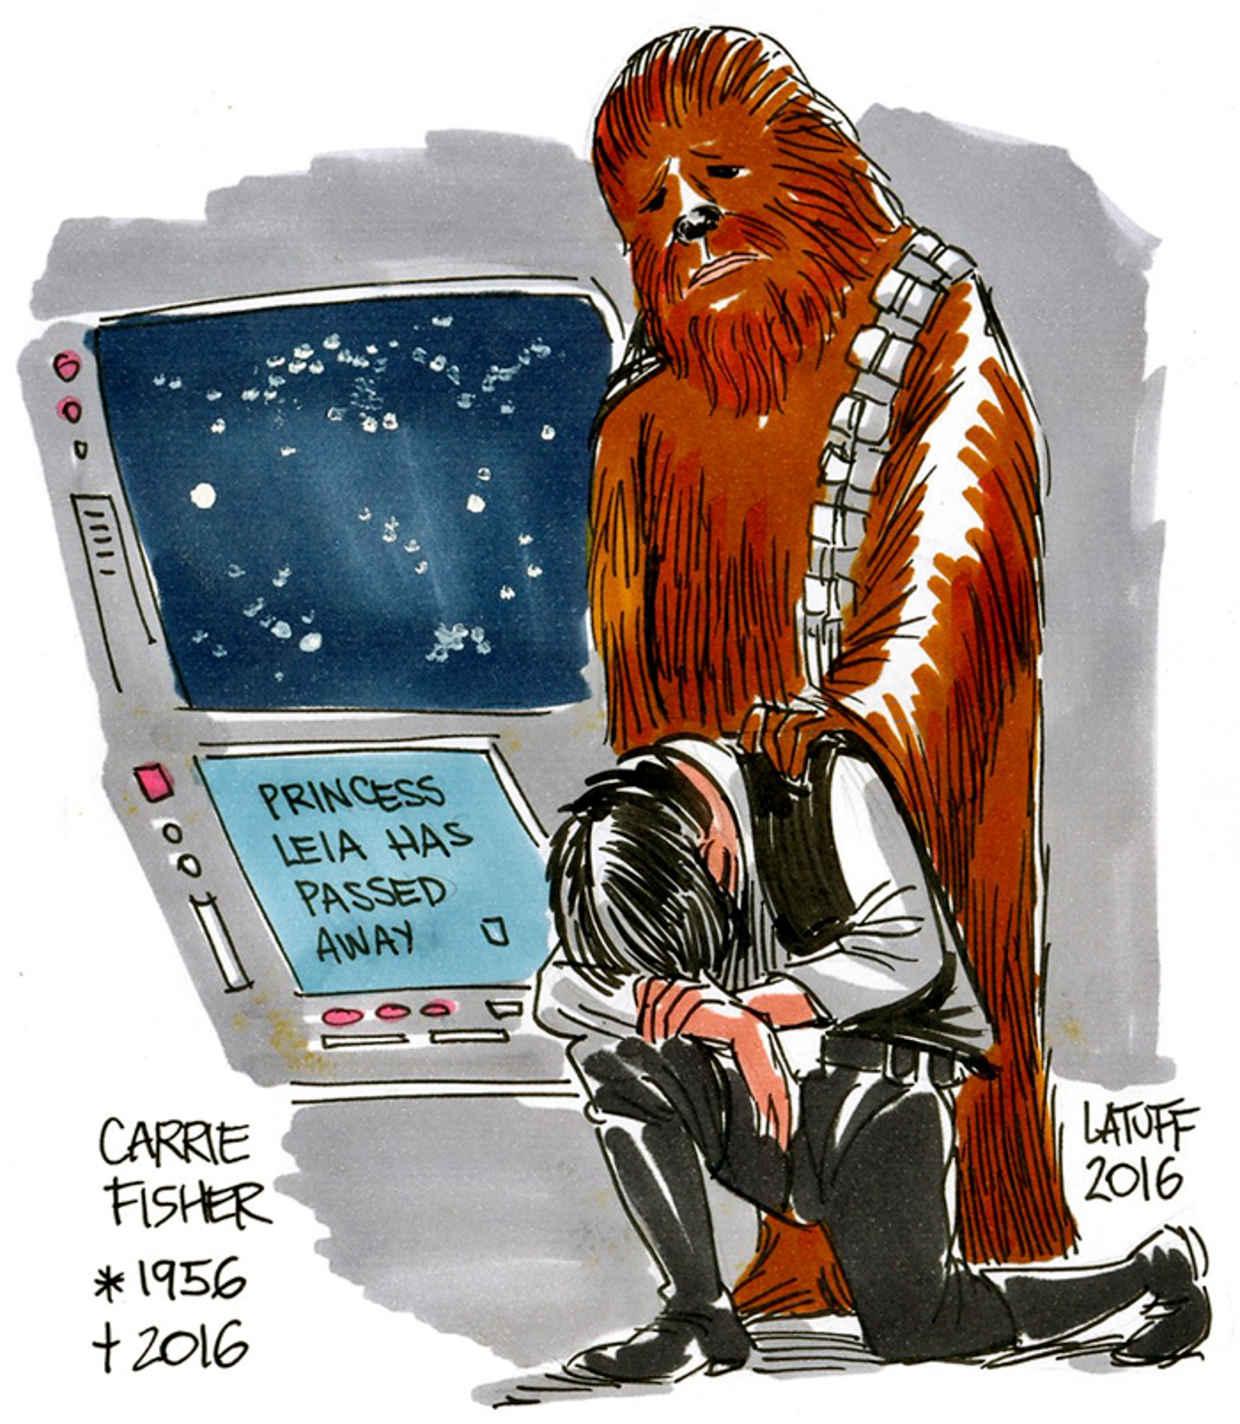 Les hommages en illustrations de Carry Fisher ou Princesse Leia dans StarWars 4